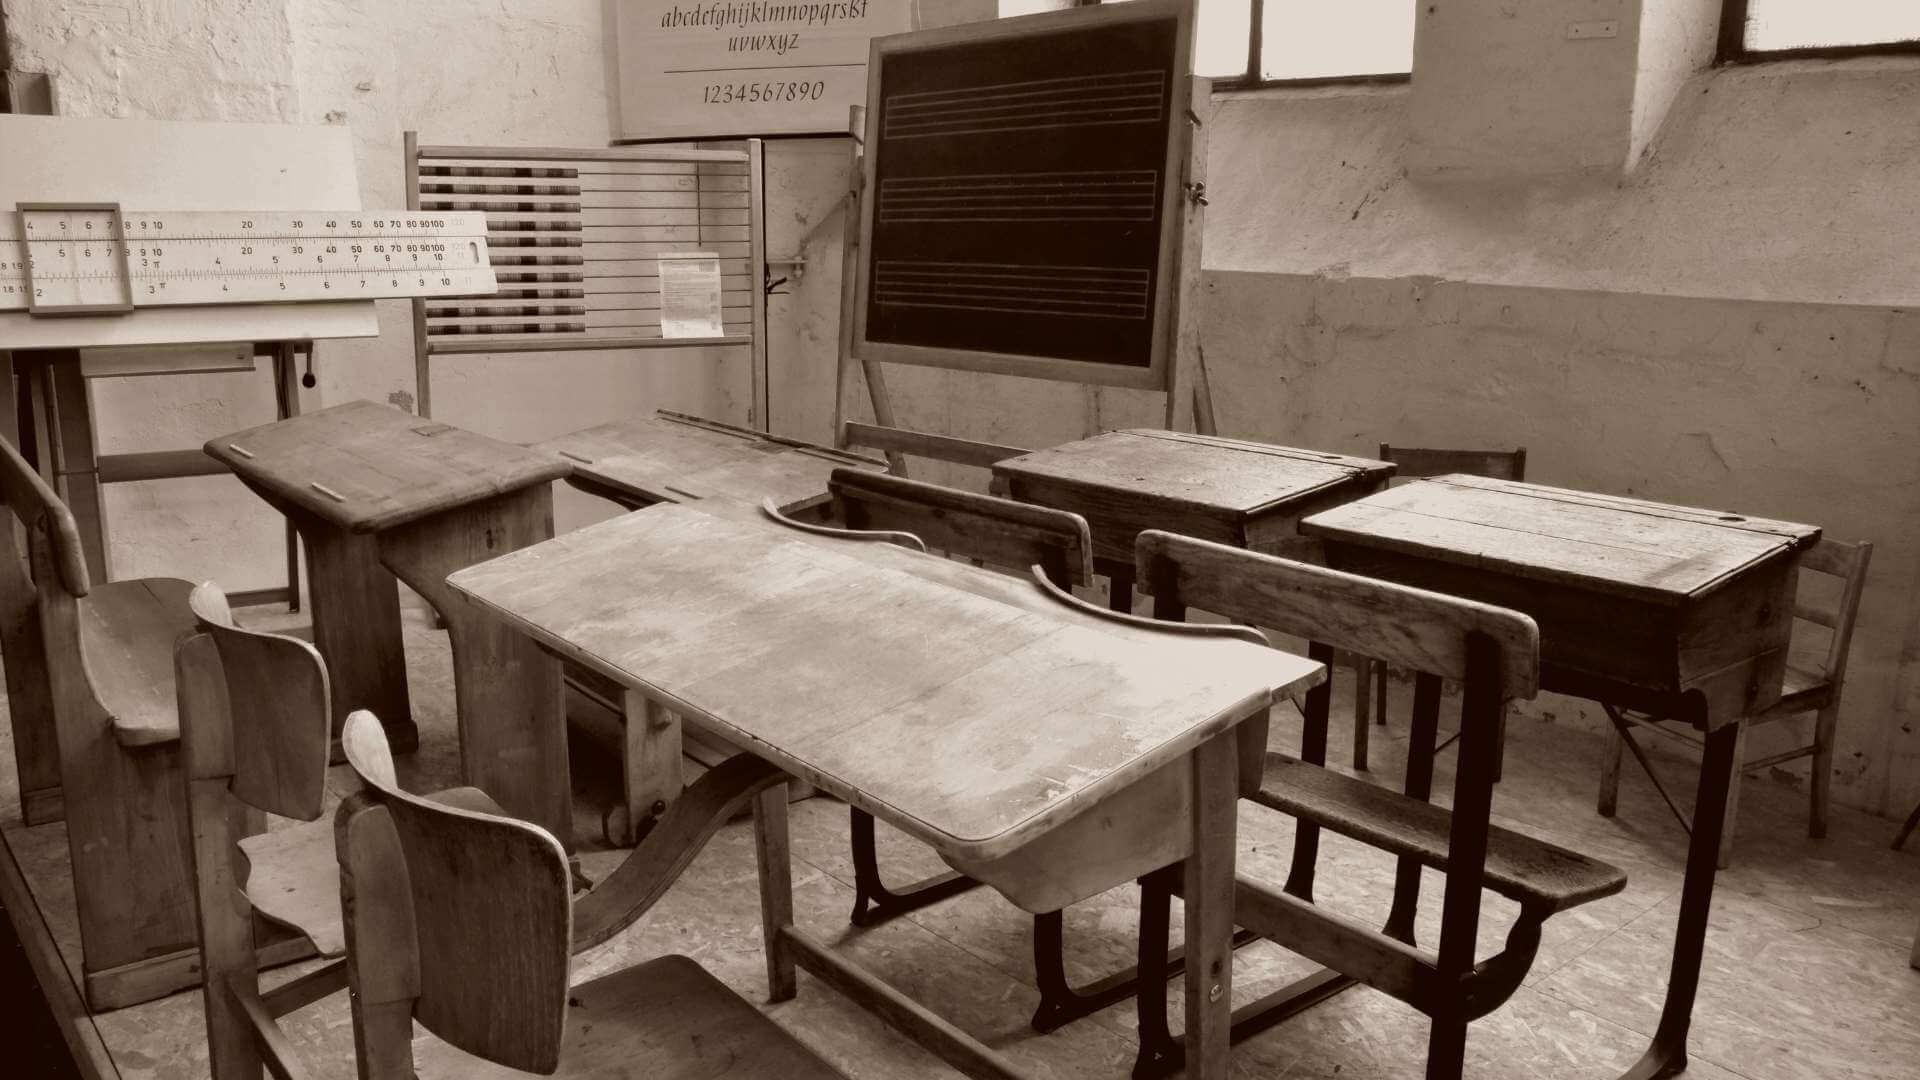 25% dintre școlile din România se încălzesc cu lemne. Ce planuri are Ministerul Mediului de pe 5 iulie